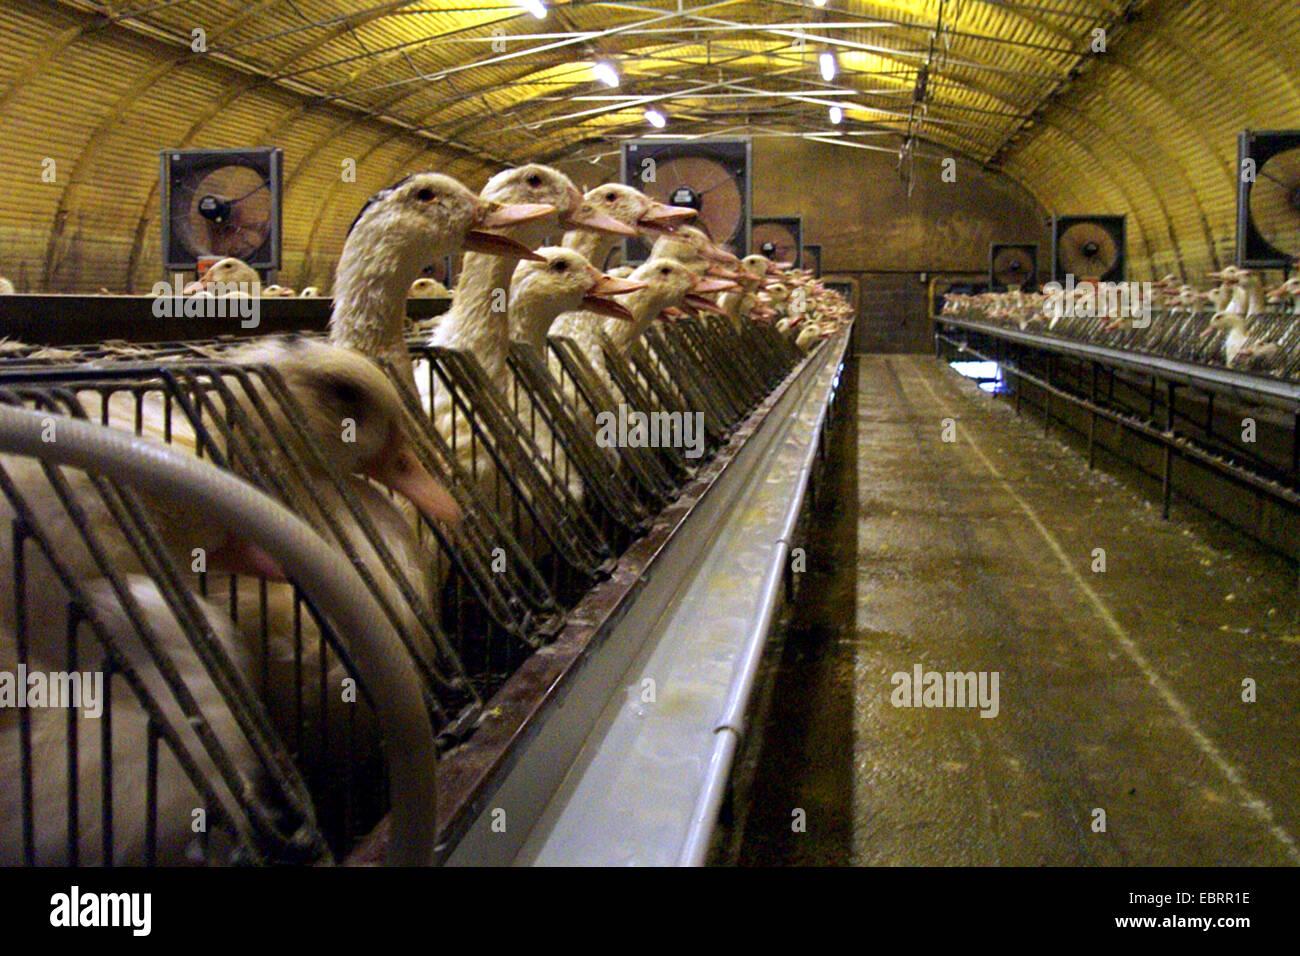 Domestic Duck (Anas platyrhynchos f. domestica), infinidad de aves en las granjas industriales y de engorde, fijo en apretadas jaulas para facilitar la cebadura, Alemania Foto de stock